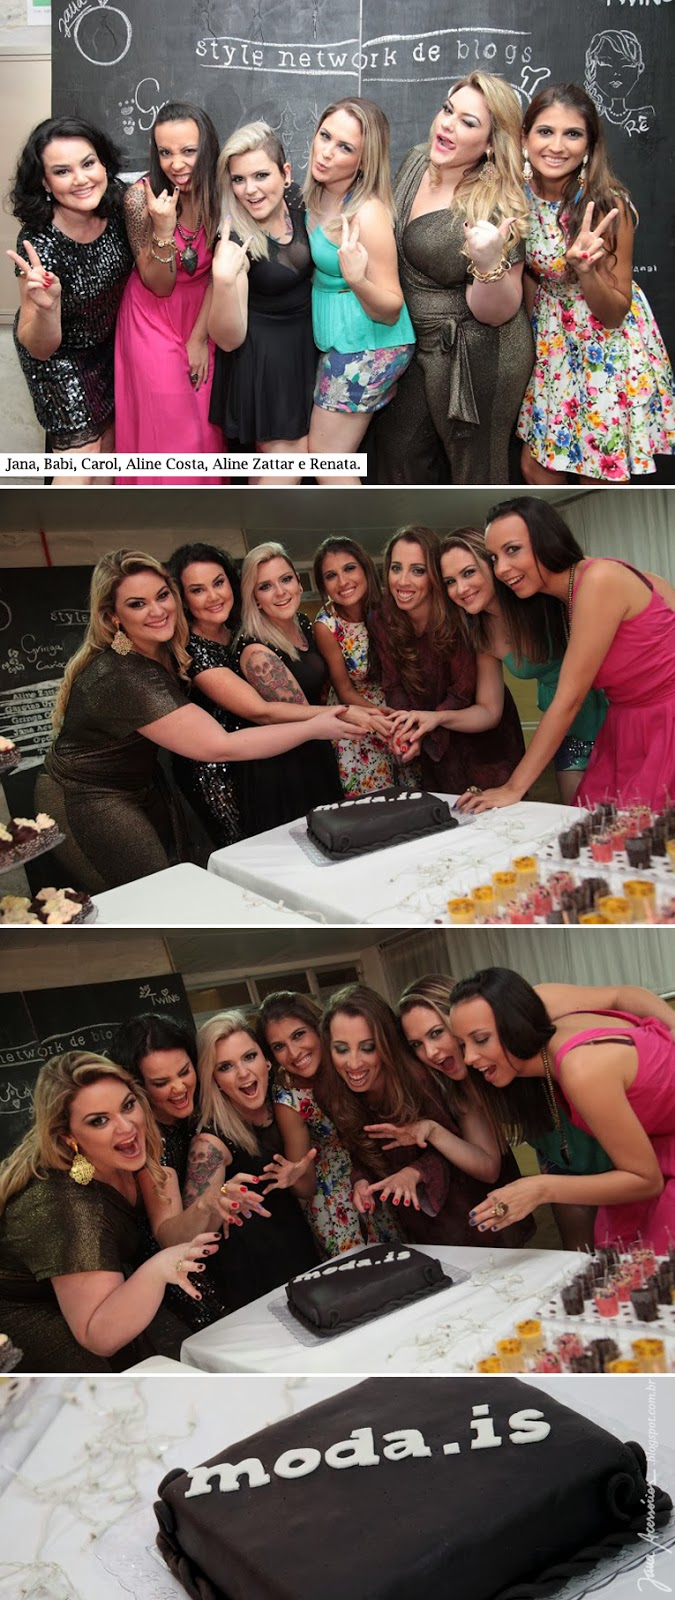 modais, joinville, blogueiras, bloggers, moda, estilo,